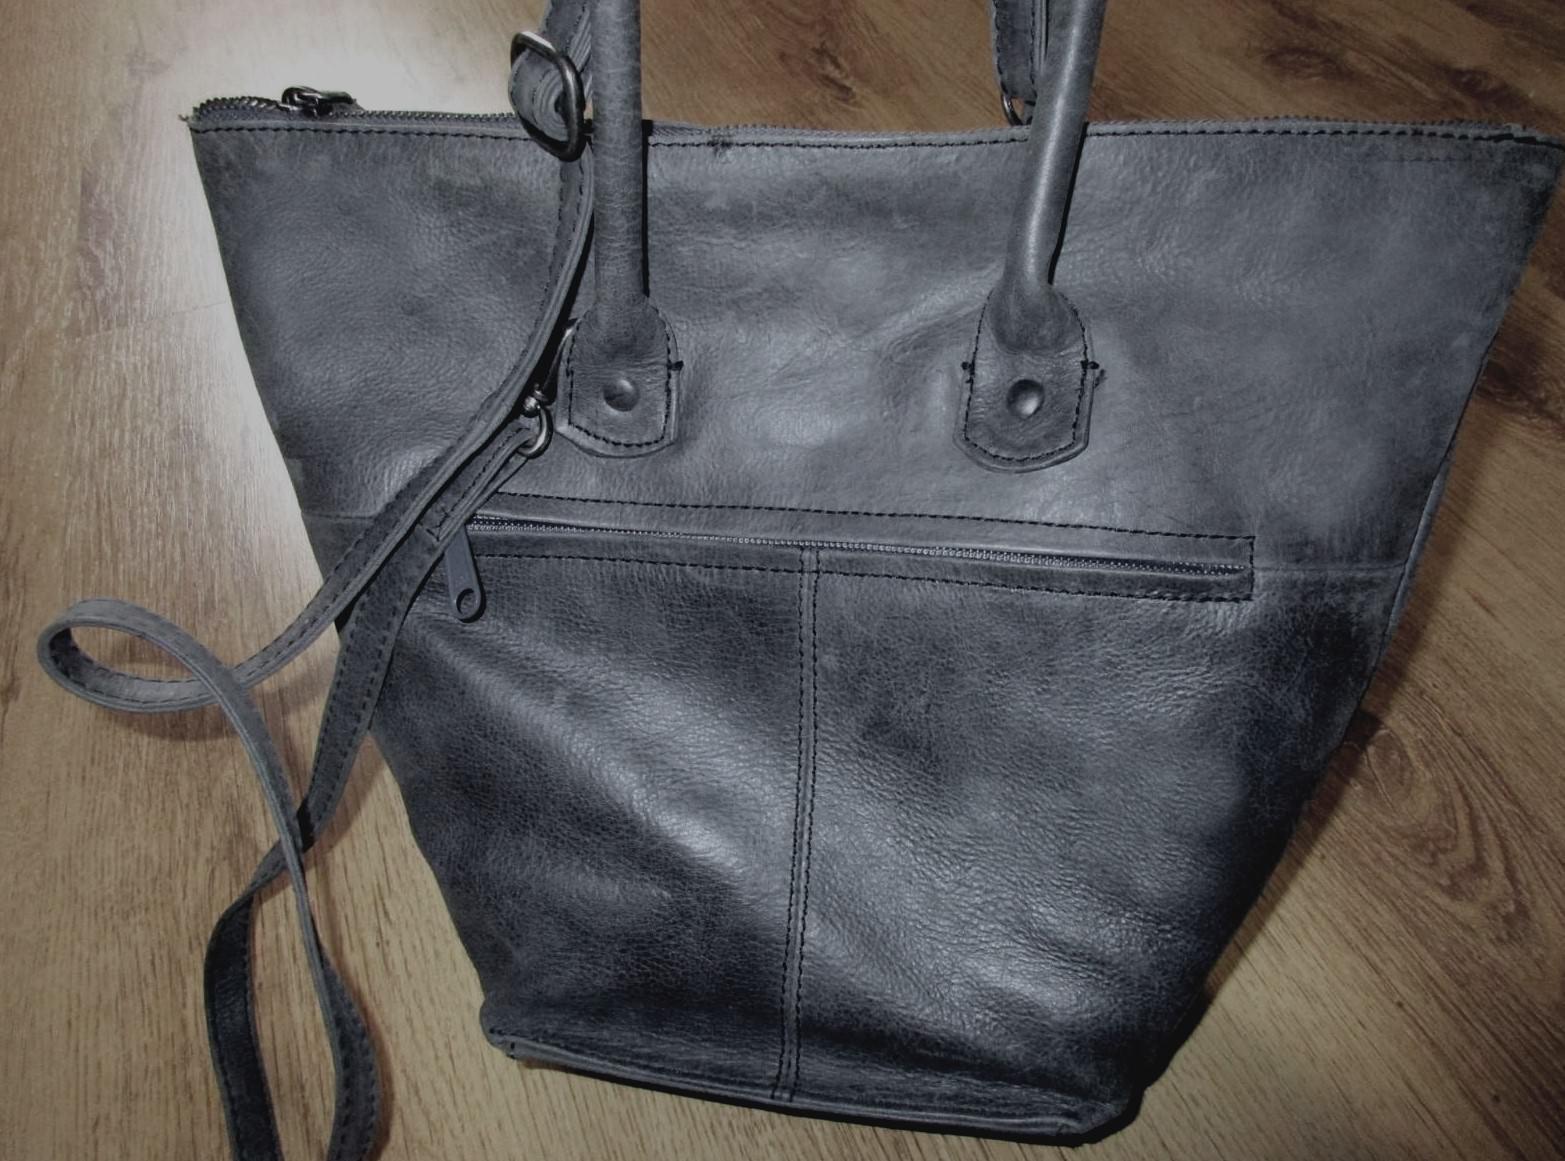 VOI Handtasche LEDER Hochwertig SCHULTERTASCHE Tragetasche LEDERTASCHE Shopper     Online einkaufen